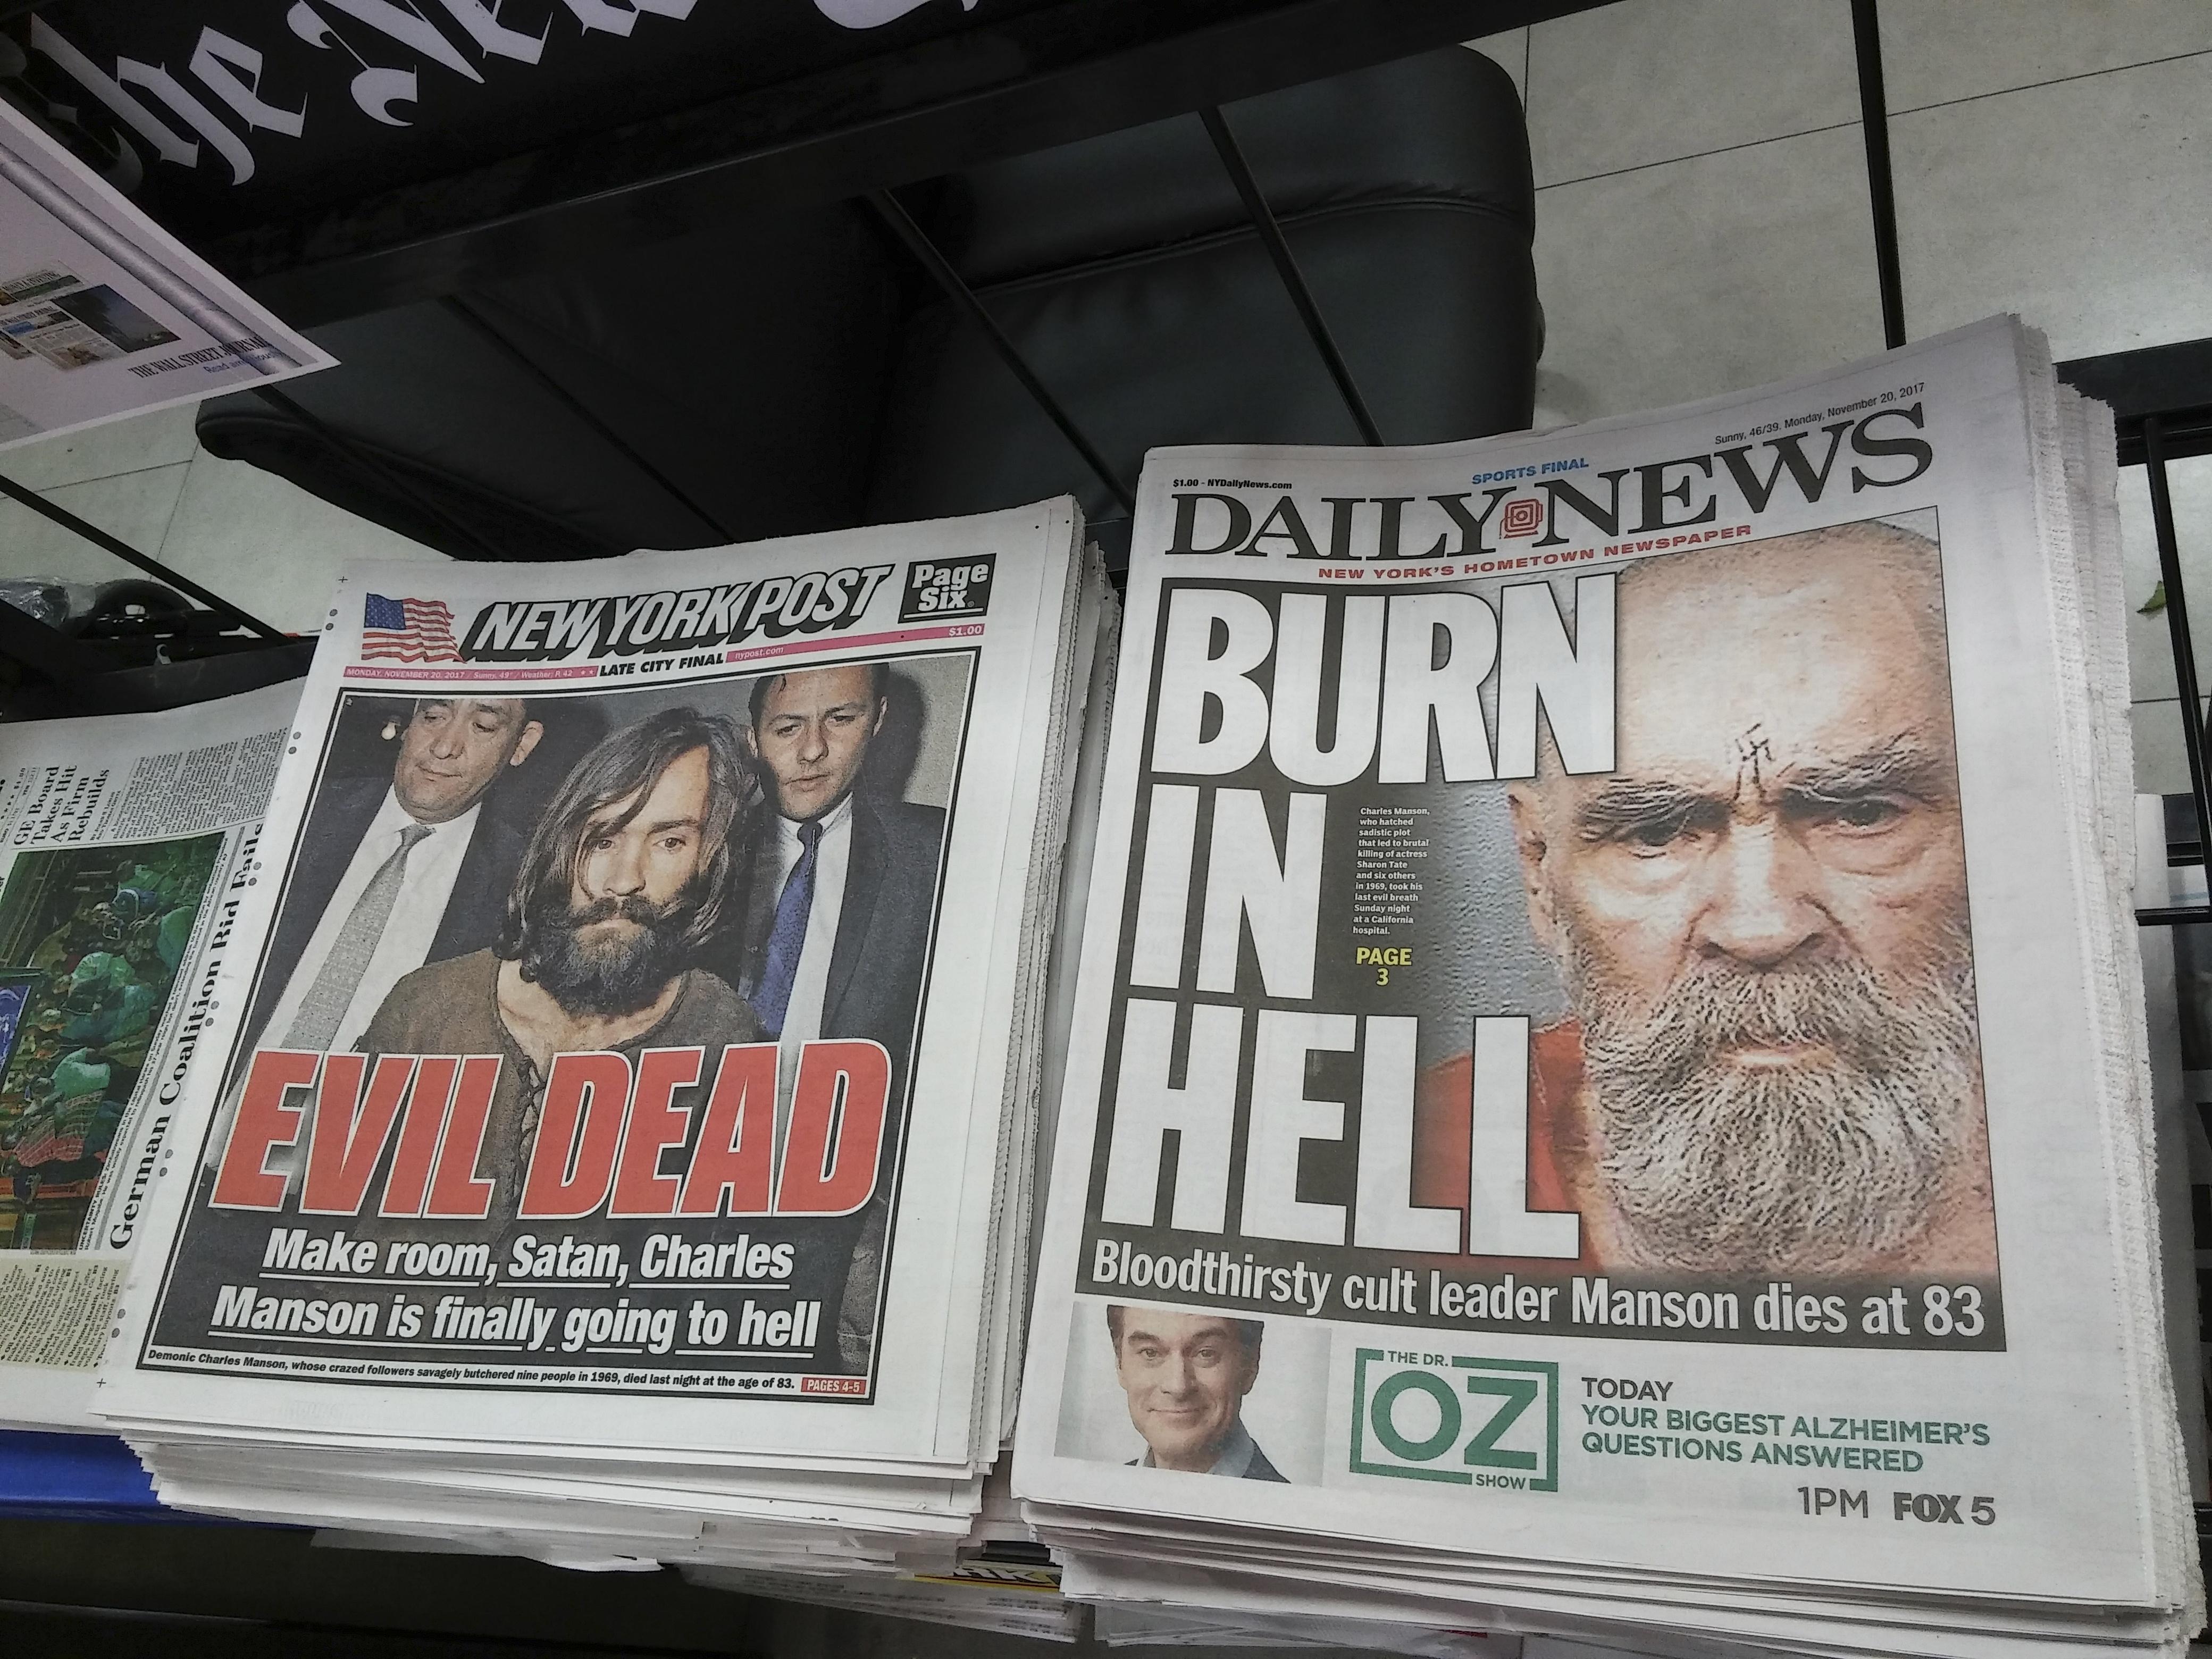 チャールズ・マンソンの死を報じるアメリカの新聞。 Sipa USA/amanaimages/kyodonewsimages